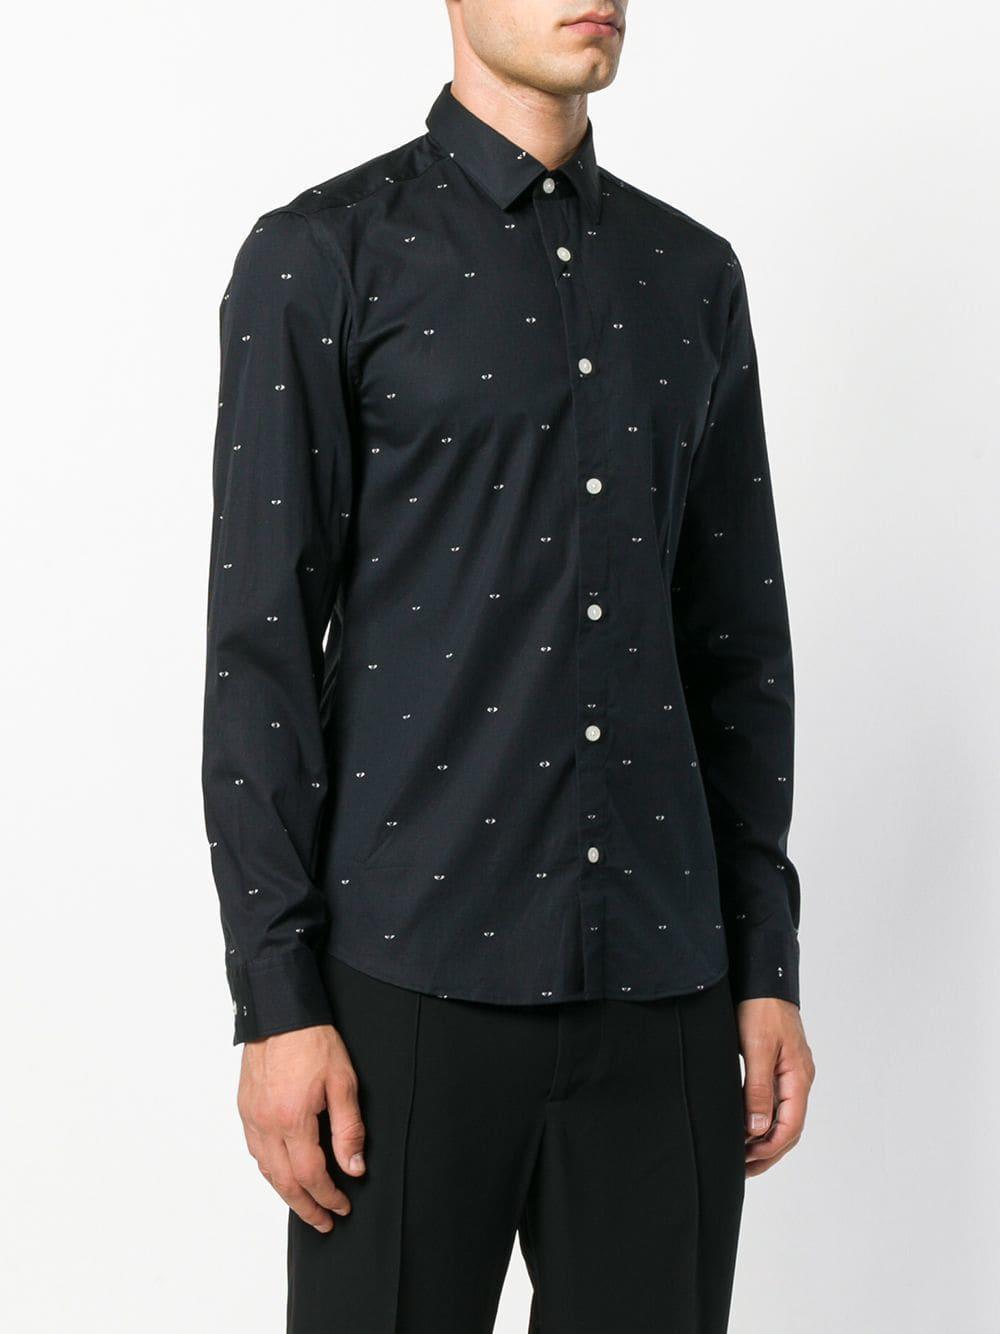 KENZO Eye Print Shirt in Black for Men